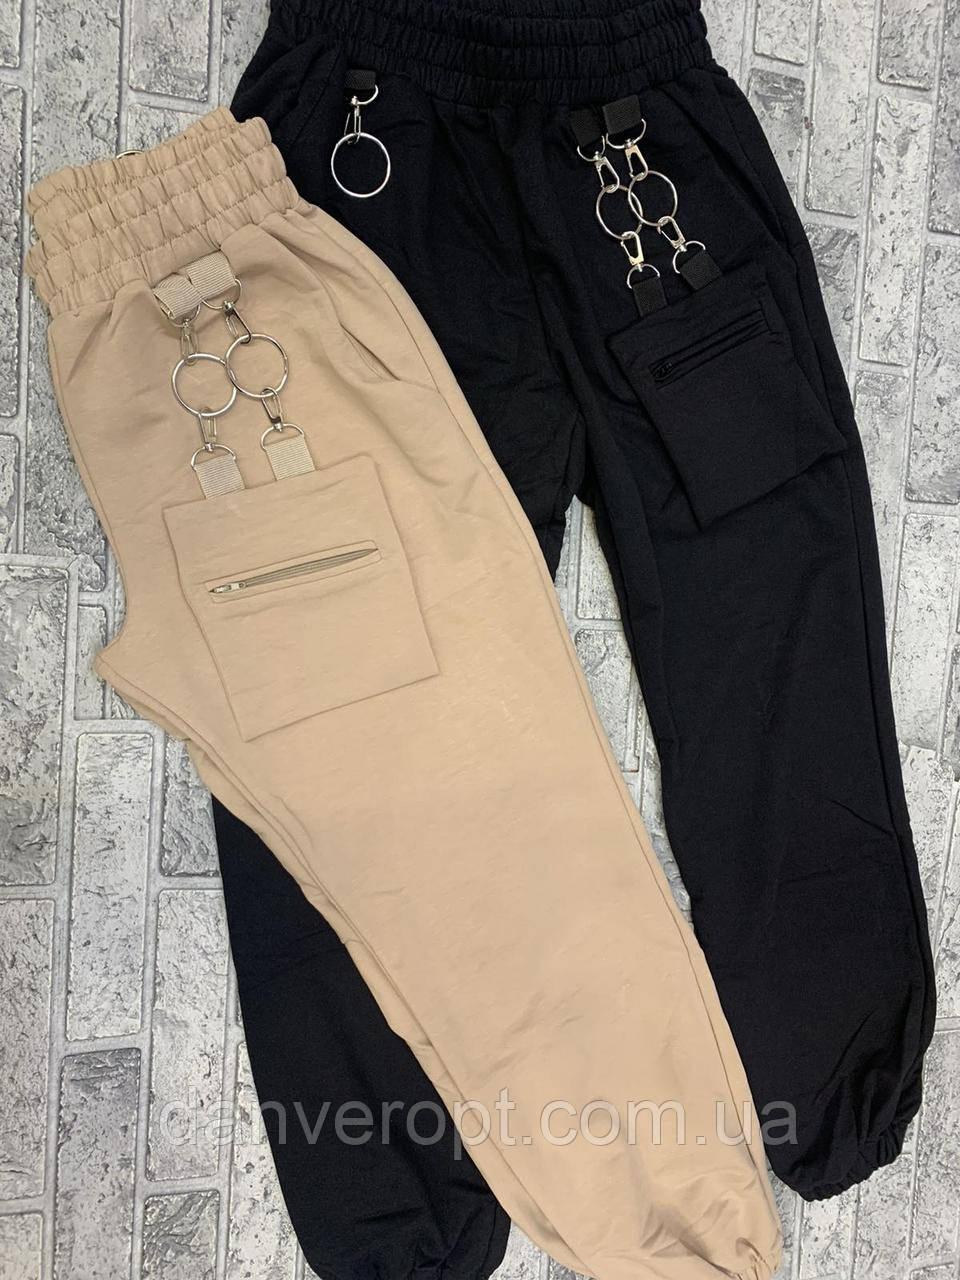 Штаны-джоггеры женские стильные модные размер S-L купить оптом со склада 7км Одесса